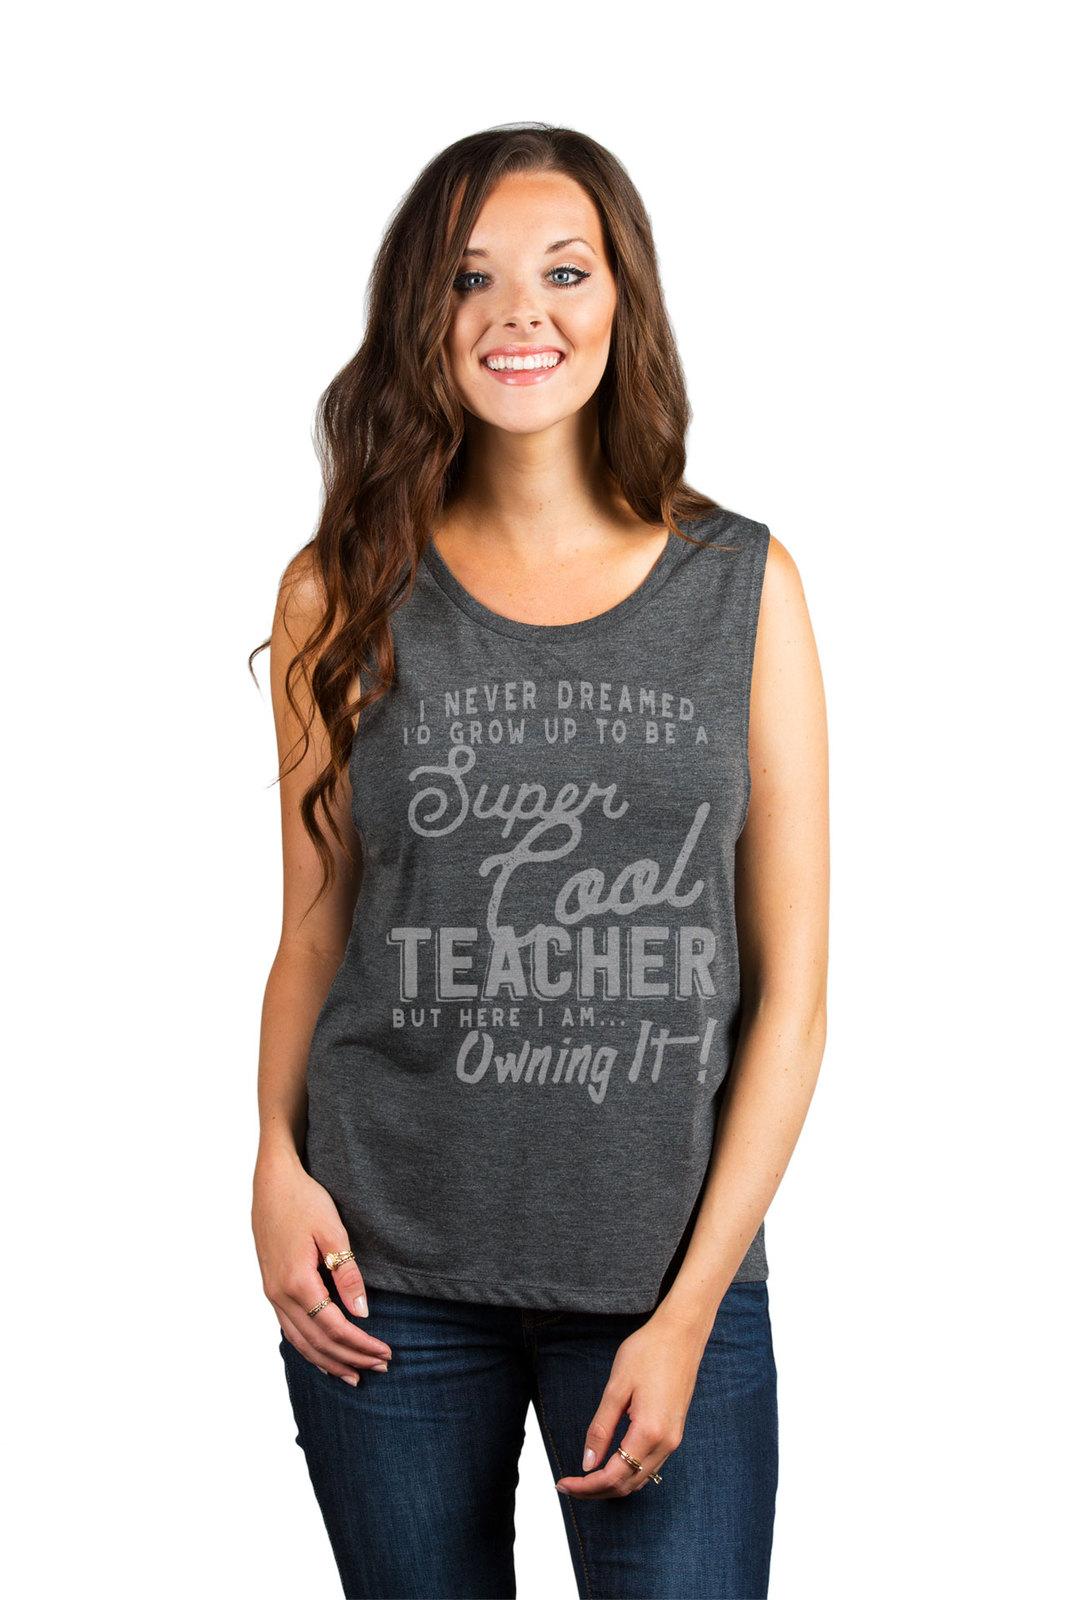 Thread Tank Super Cool Teacher Women's Sleeveless Muscle Tank Top Tee Charcoal G